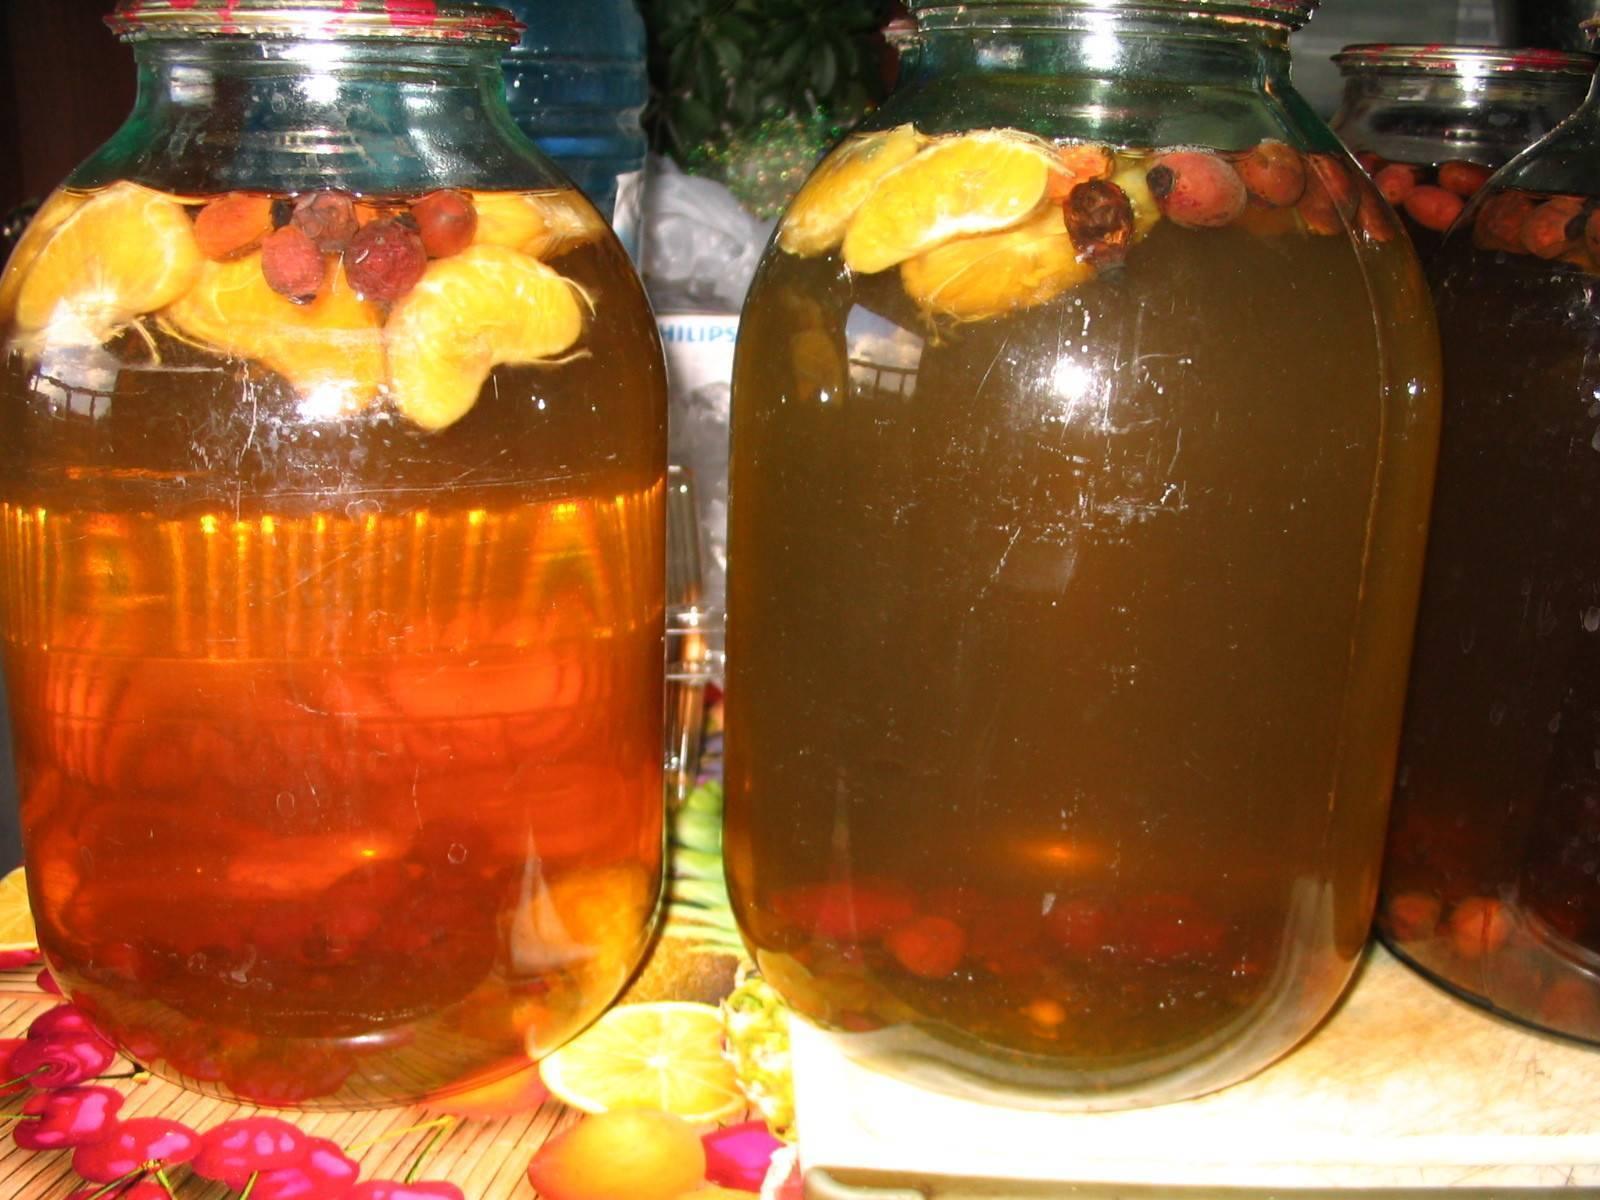 Березовый квас для бодрости и здоровья. лучшие домашние рецепты своими руками | про самогон и другие напитки ? | яндекс дзен